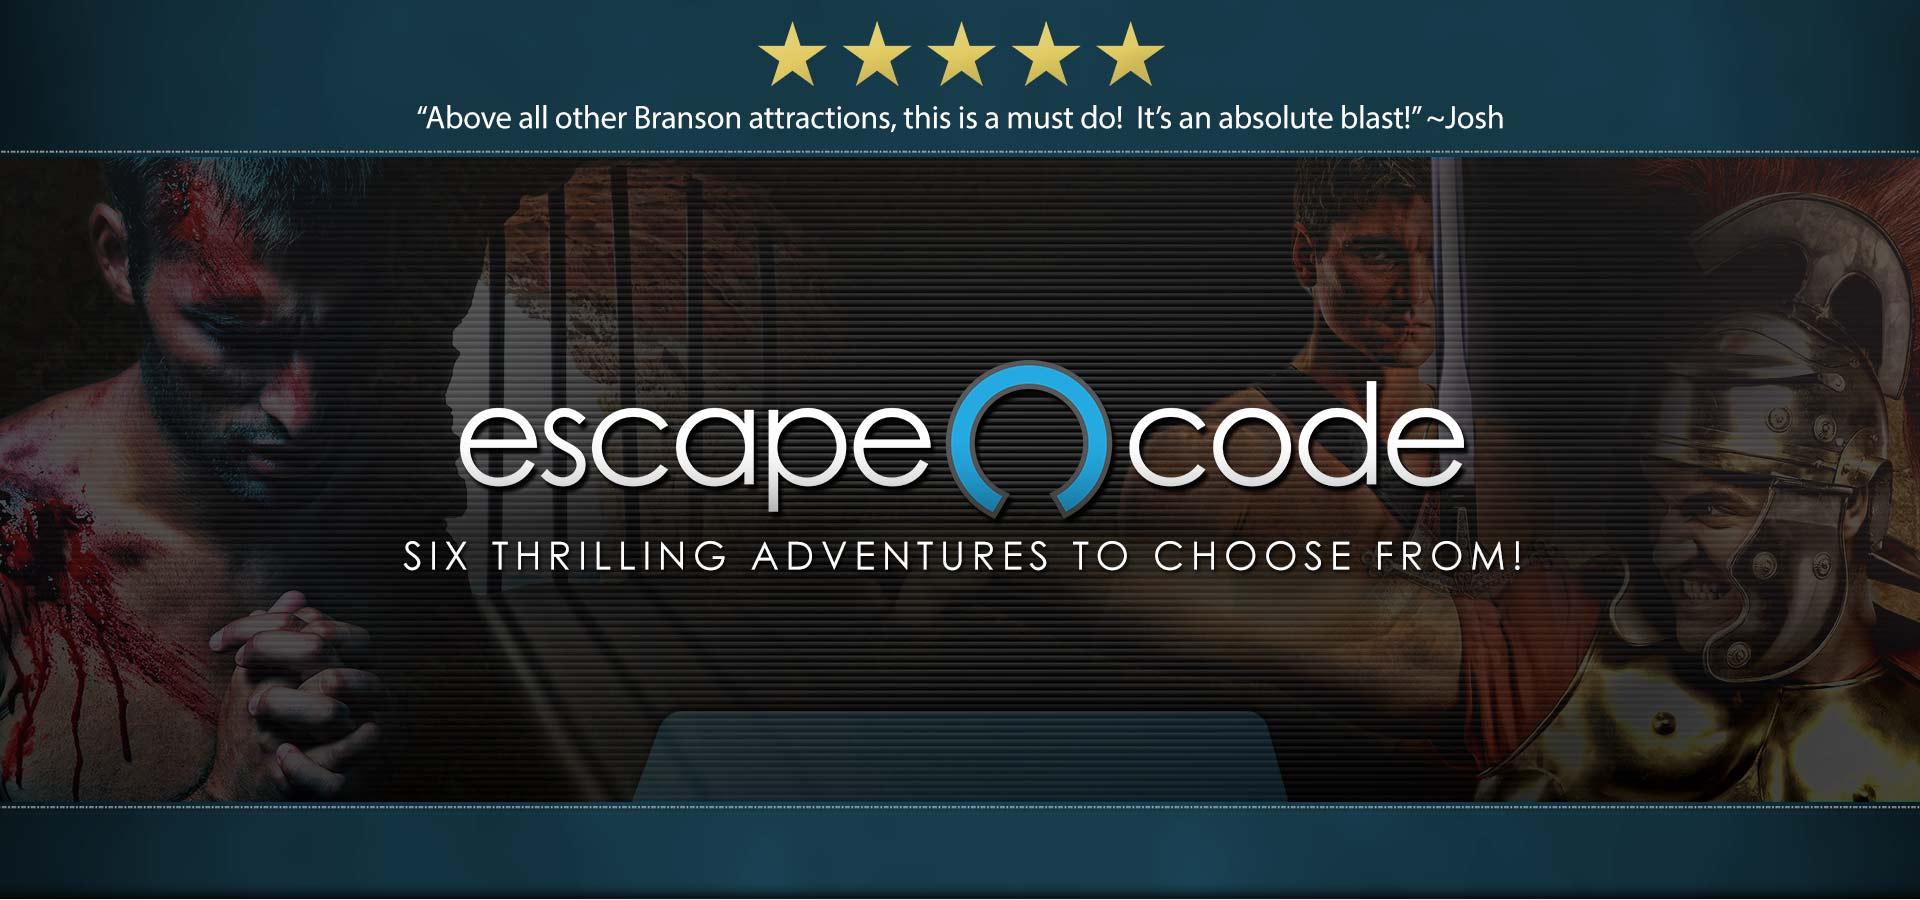 Escape Code | Branson Missouri | Escape Room